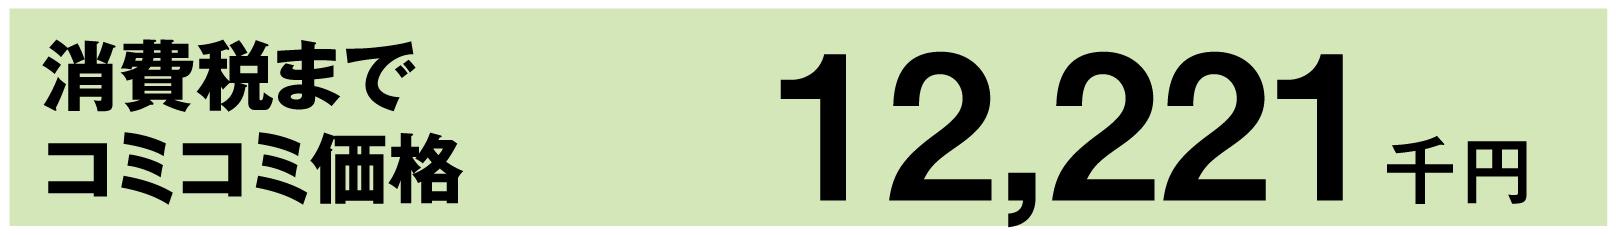 1111price